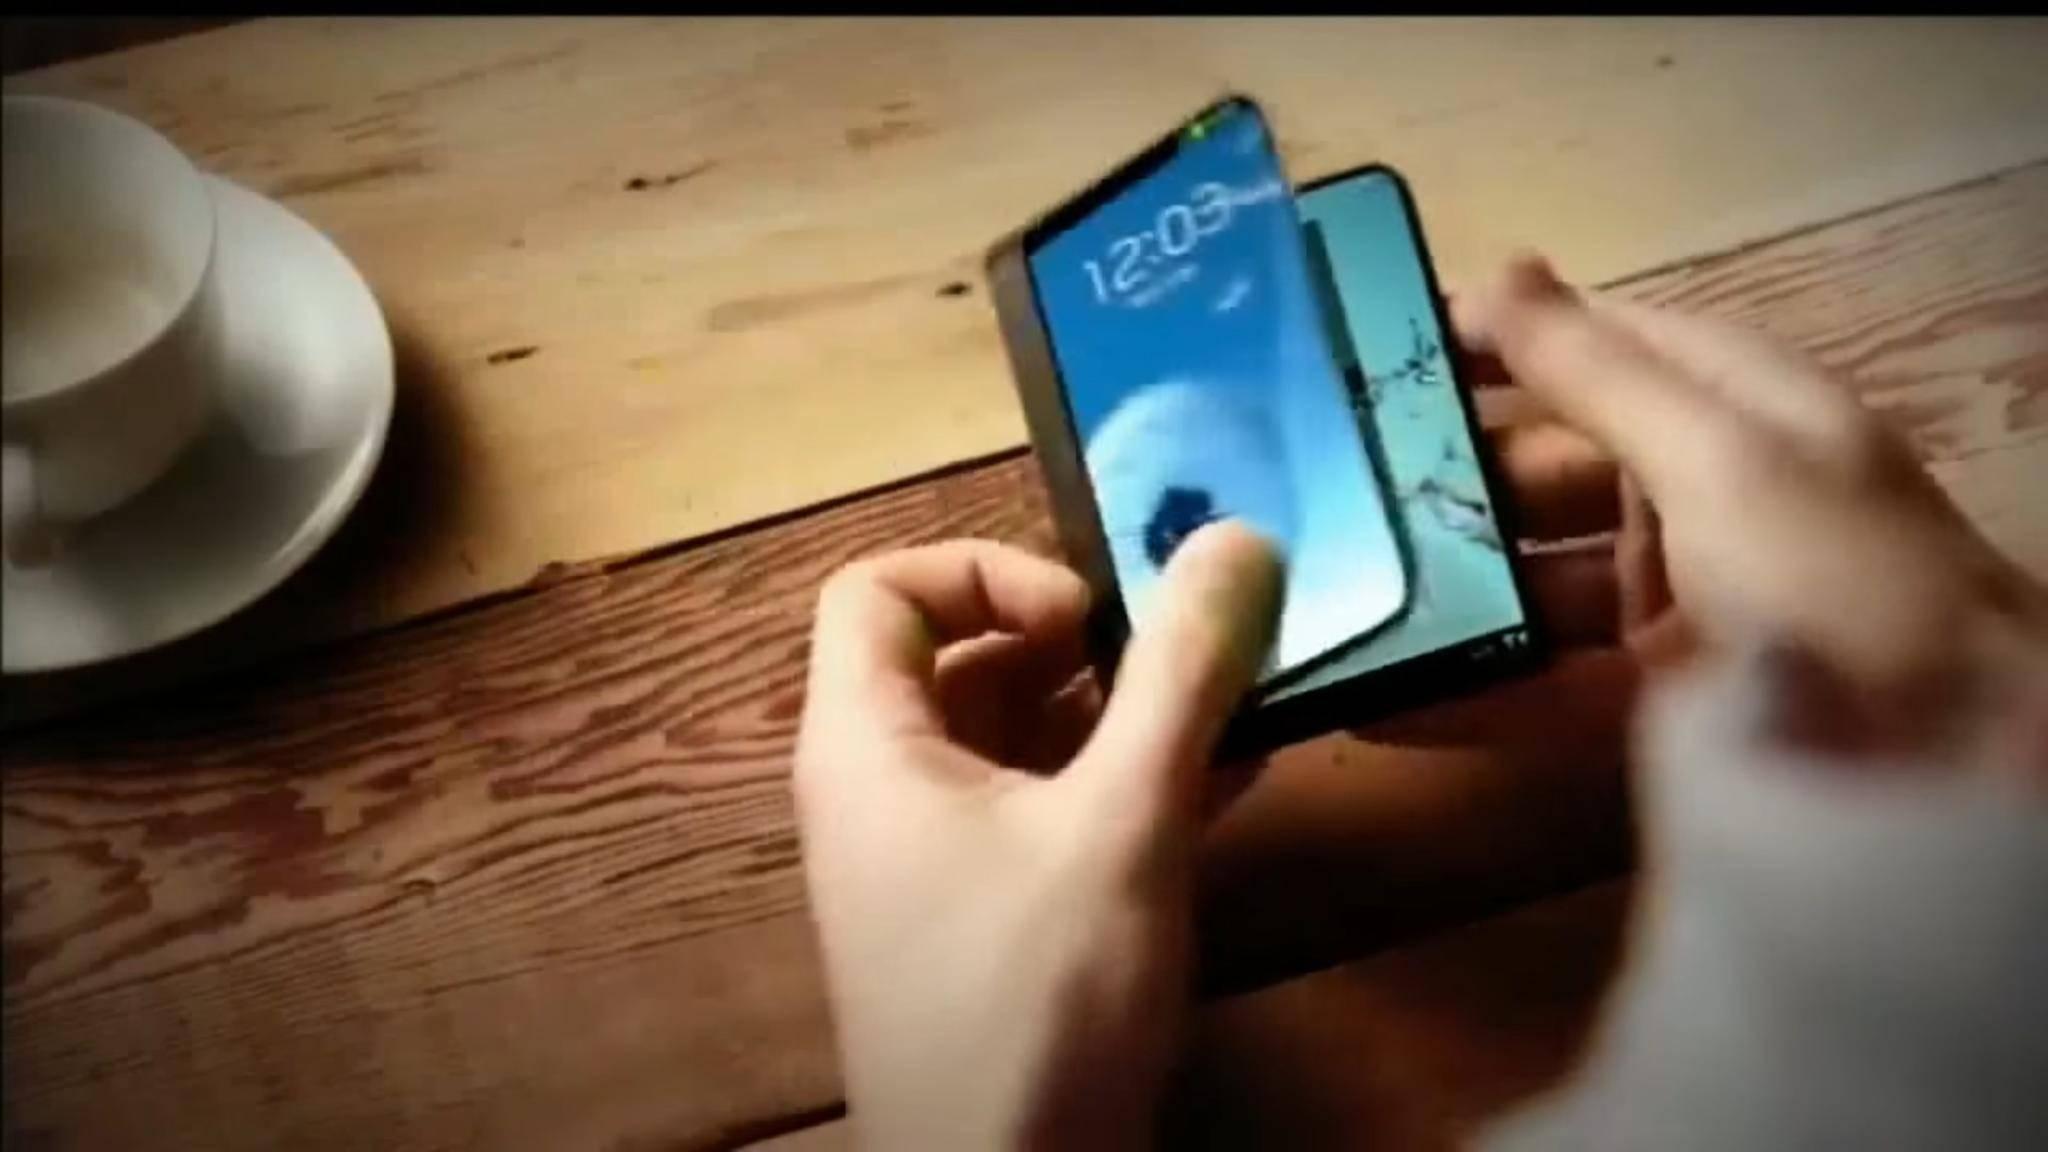 Das einst auf der CES 2013 gezeigte faltbare Samsung-Smartphone scheint 2017 in die Läden zu kommen.